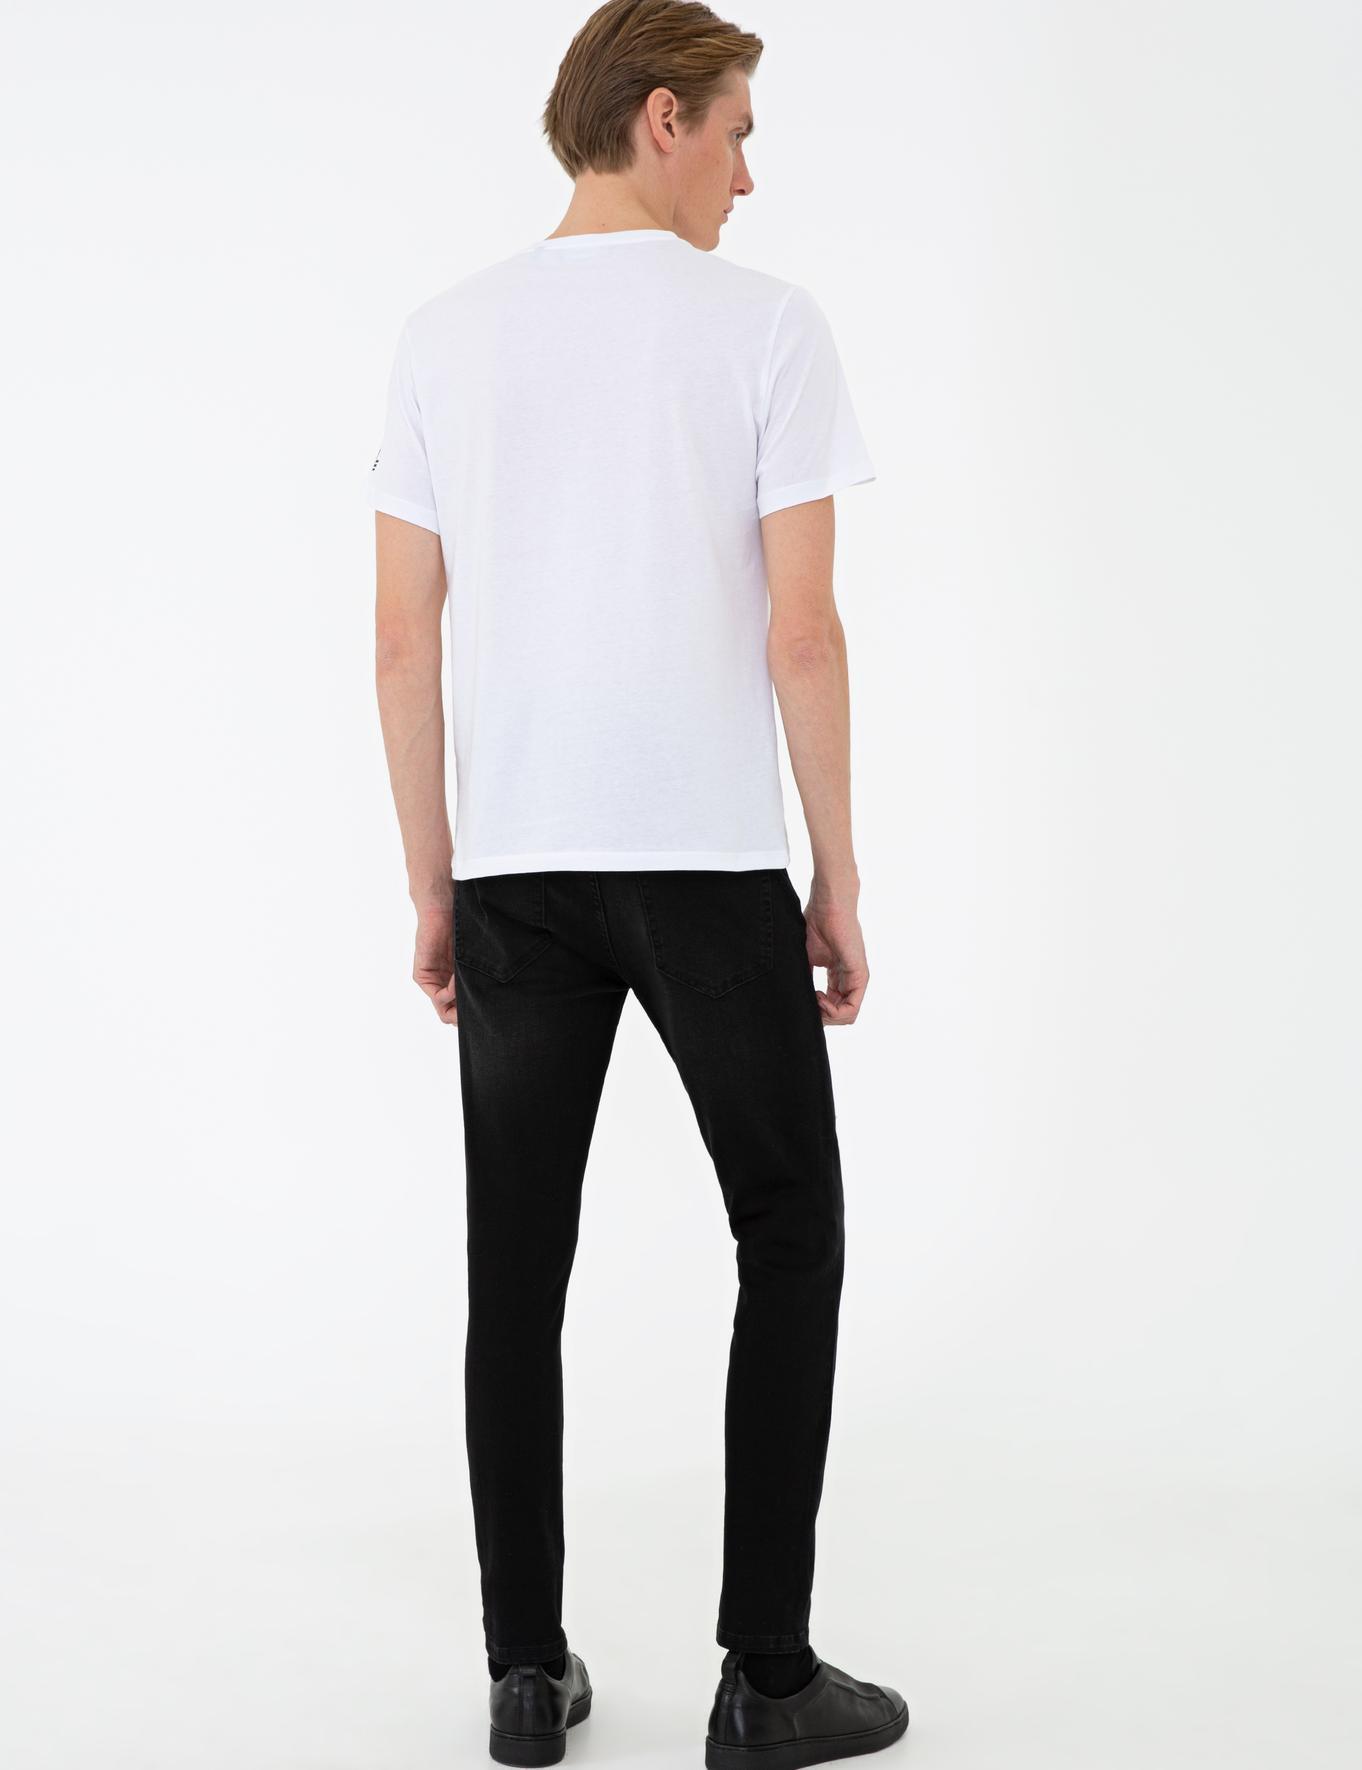 Siyah Slim Fit Denim - 50235810033